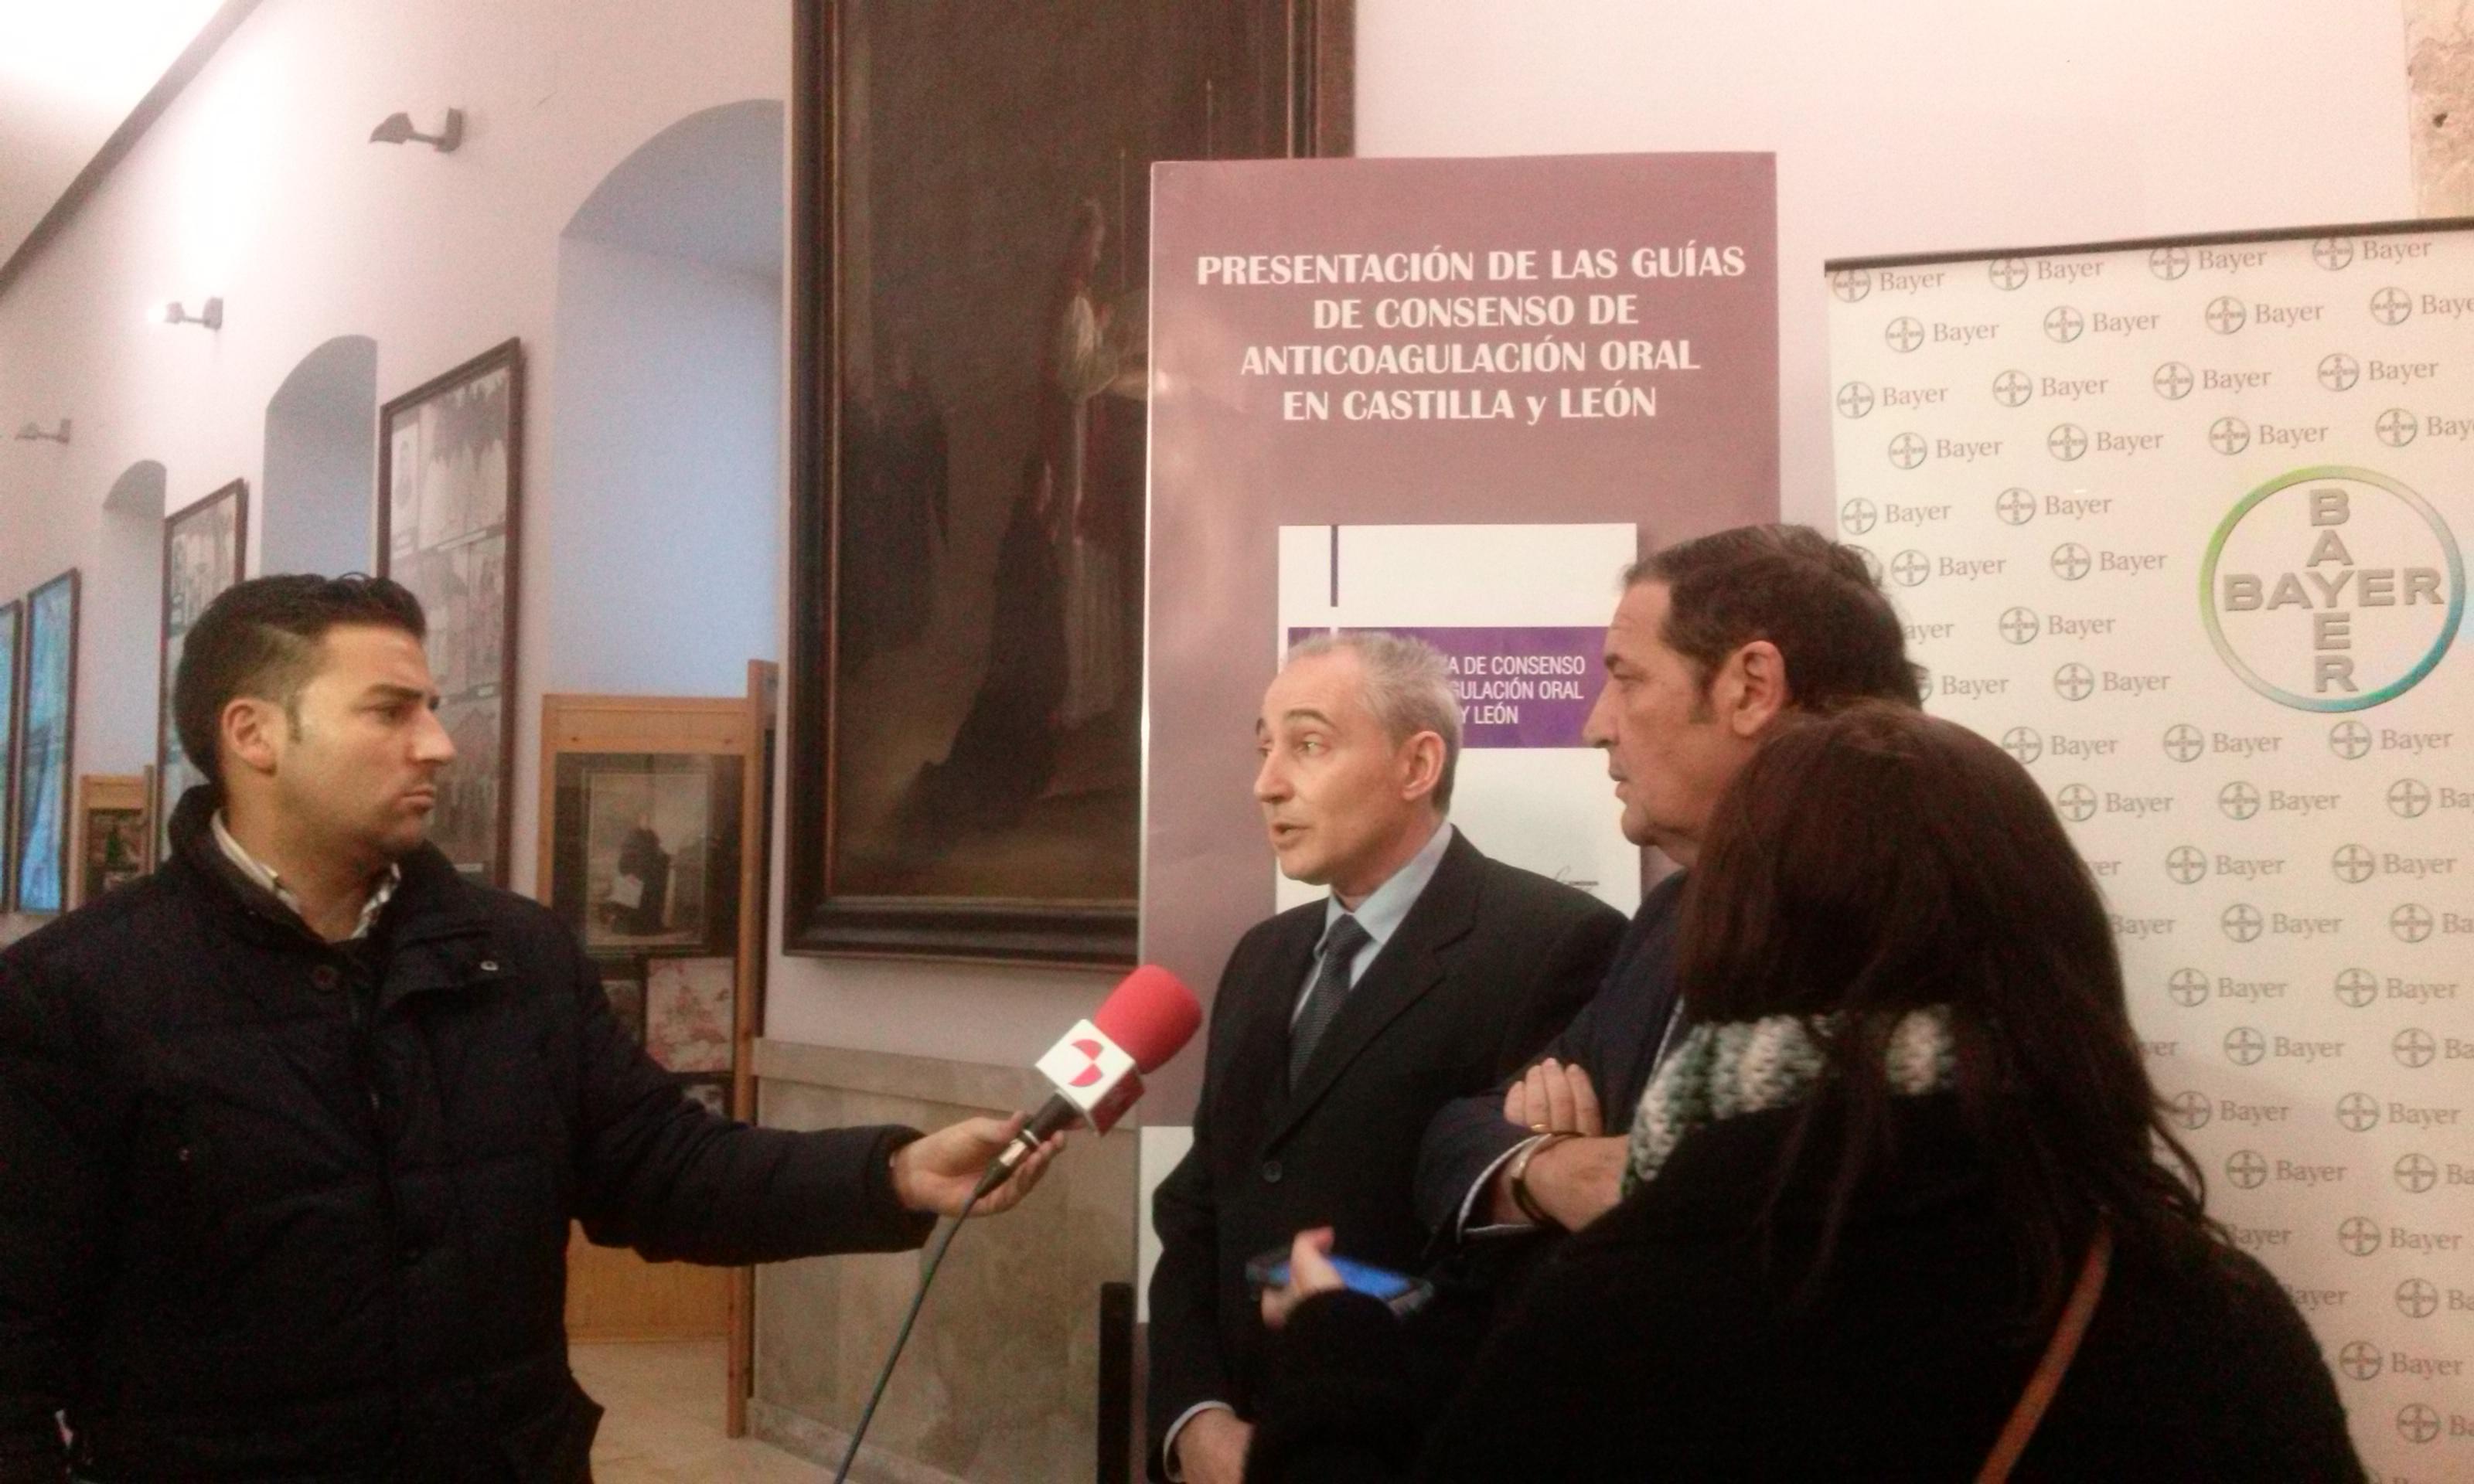 PRESENTACIÓN DE LA GUÍA CLÍNICA DE CONSENSO DE ANTICOAGULACIÓN ORAL EN CASTILLA Y LEÓN